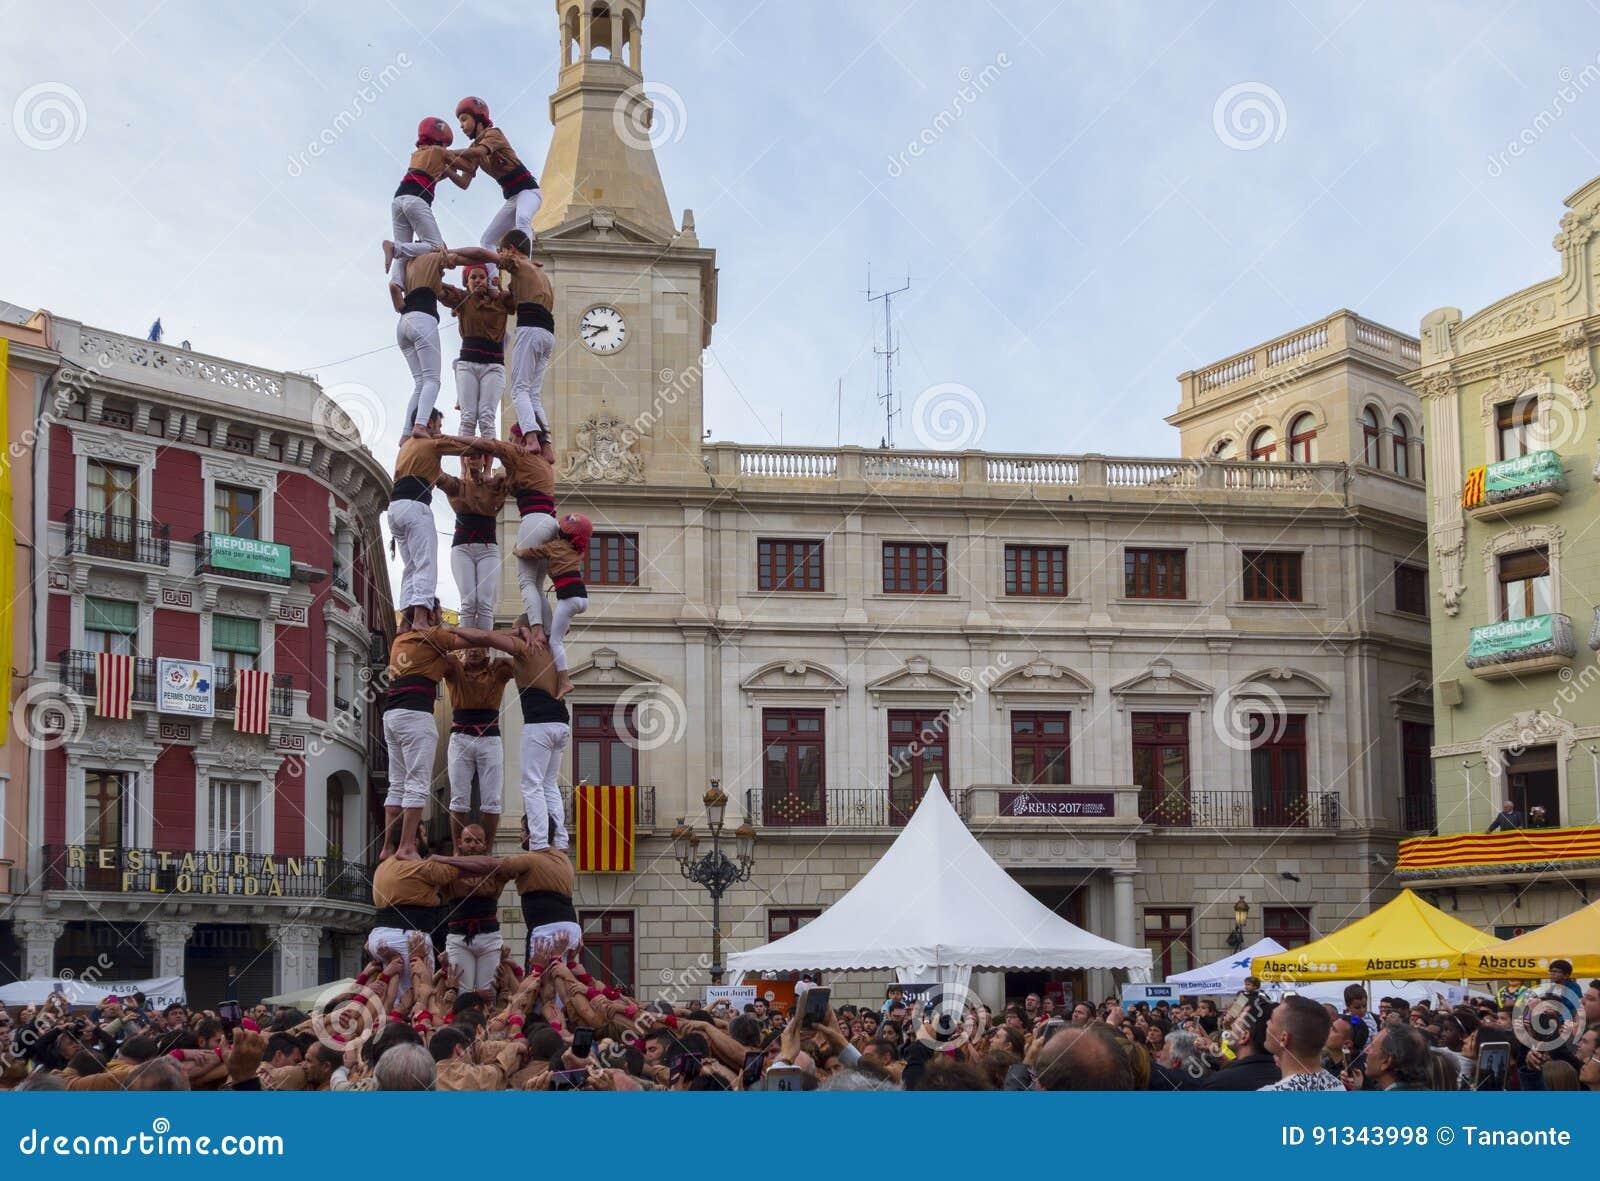 REUS, ESPAÑA - 23 DE ABRIL DE 2017: Funcionamiento de Castells